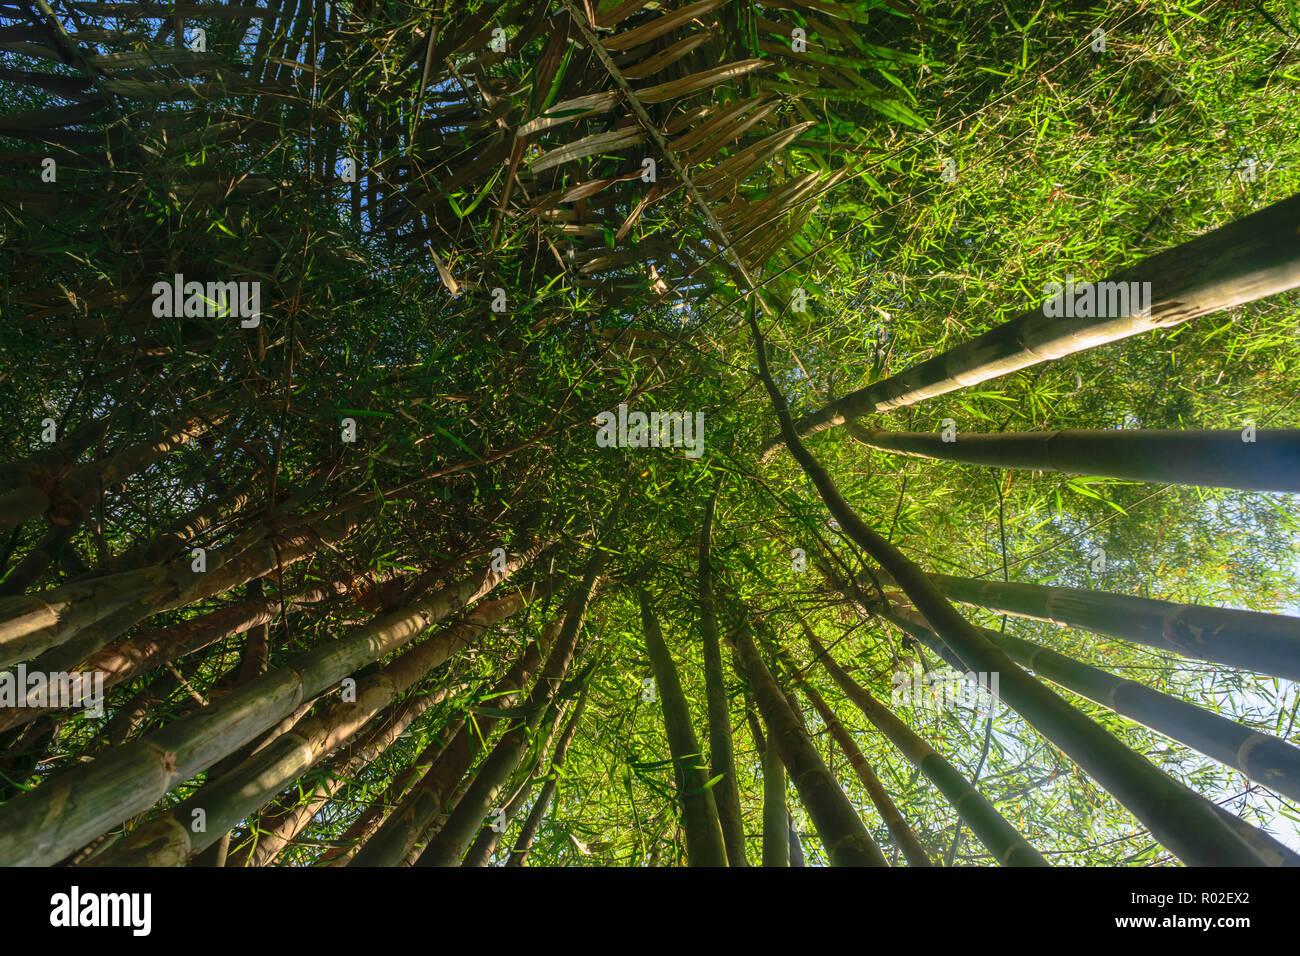 Jusqu'vue du sol de vert et de gros troncs de bambou dans rainforest avec poutre du soleil Banque D'Images